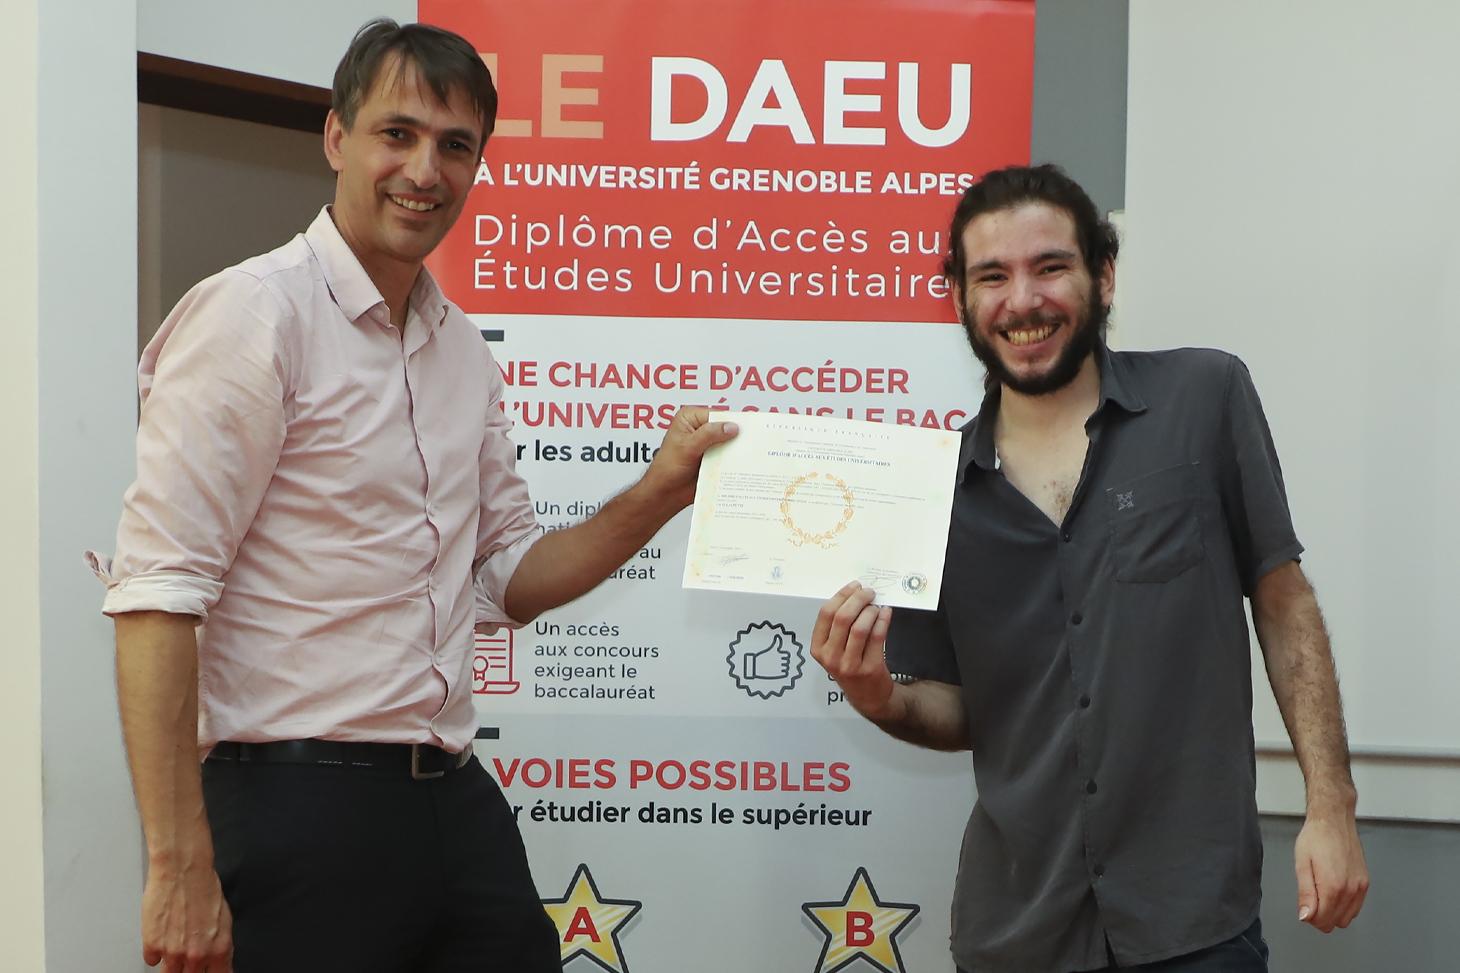 La cérémonie de remise de diplômes du DAEU 2019